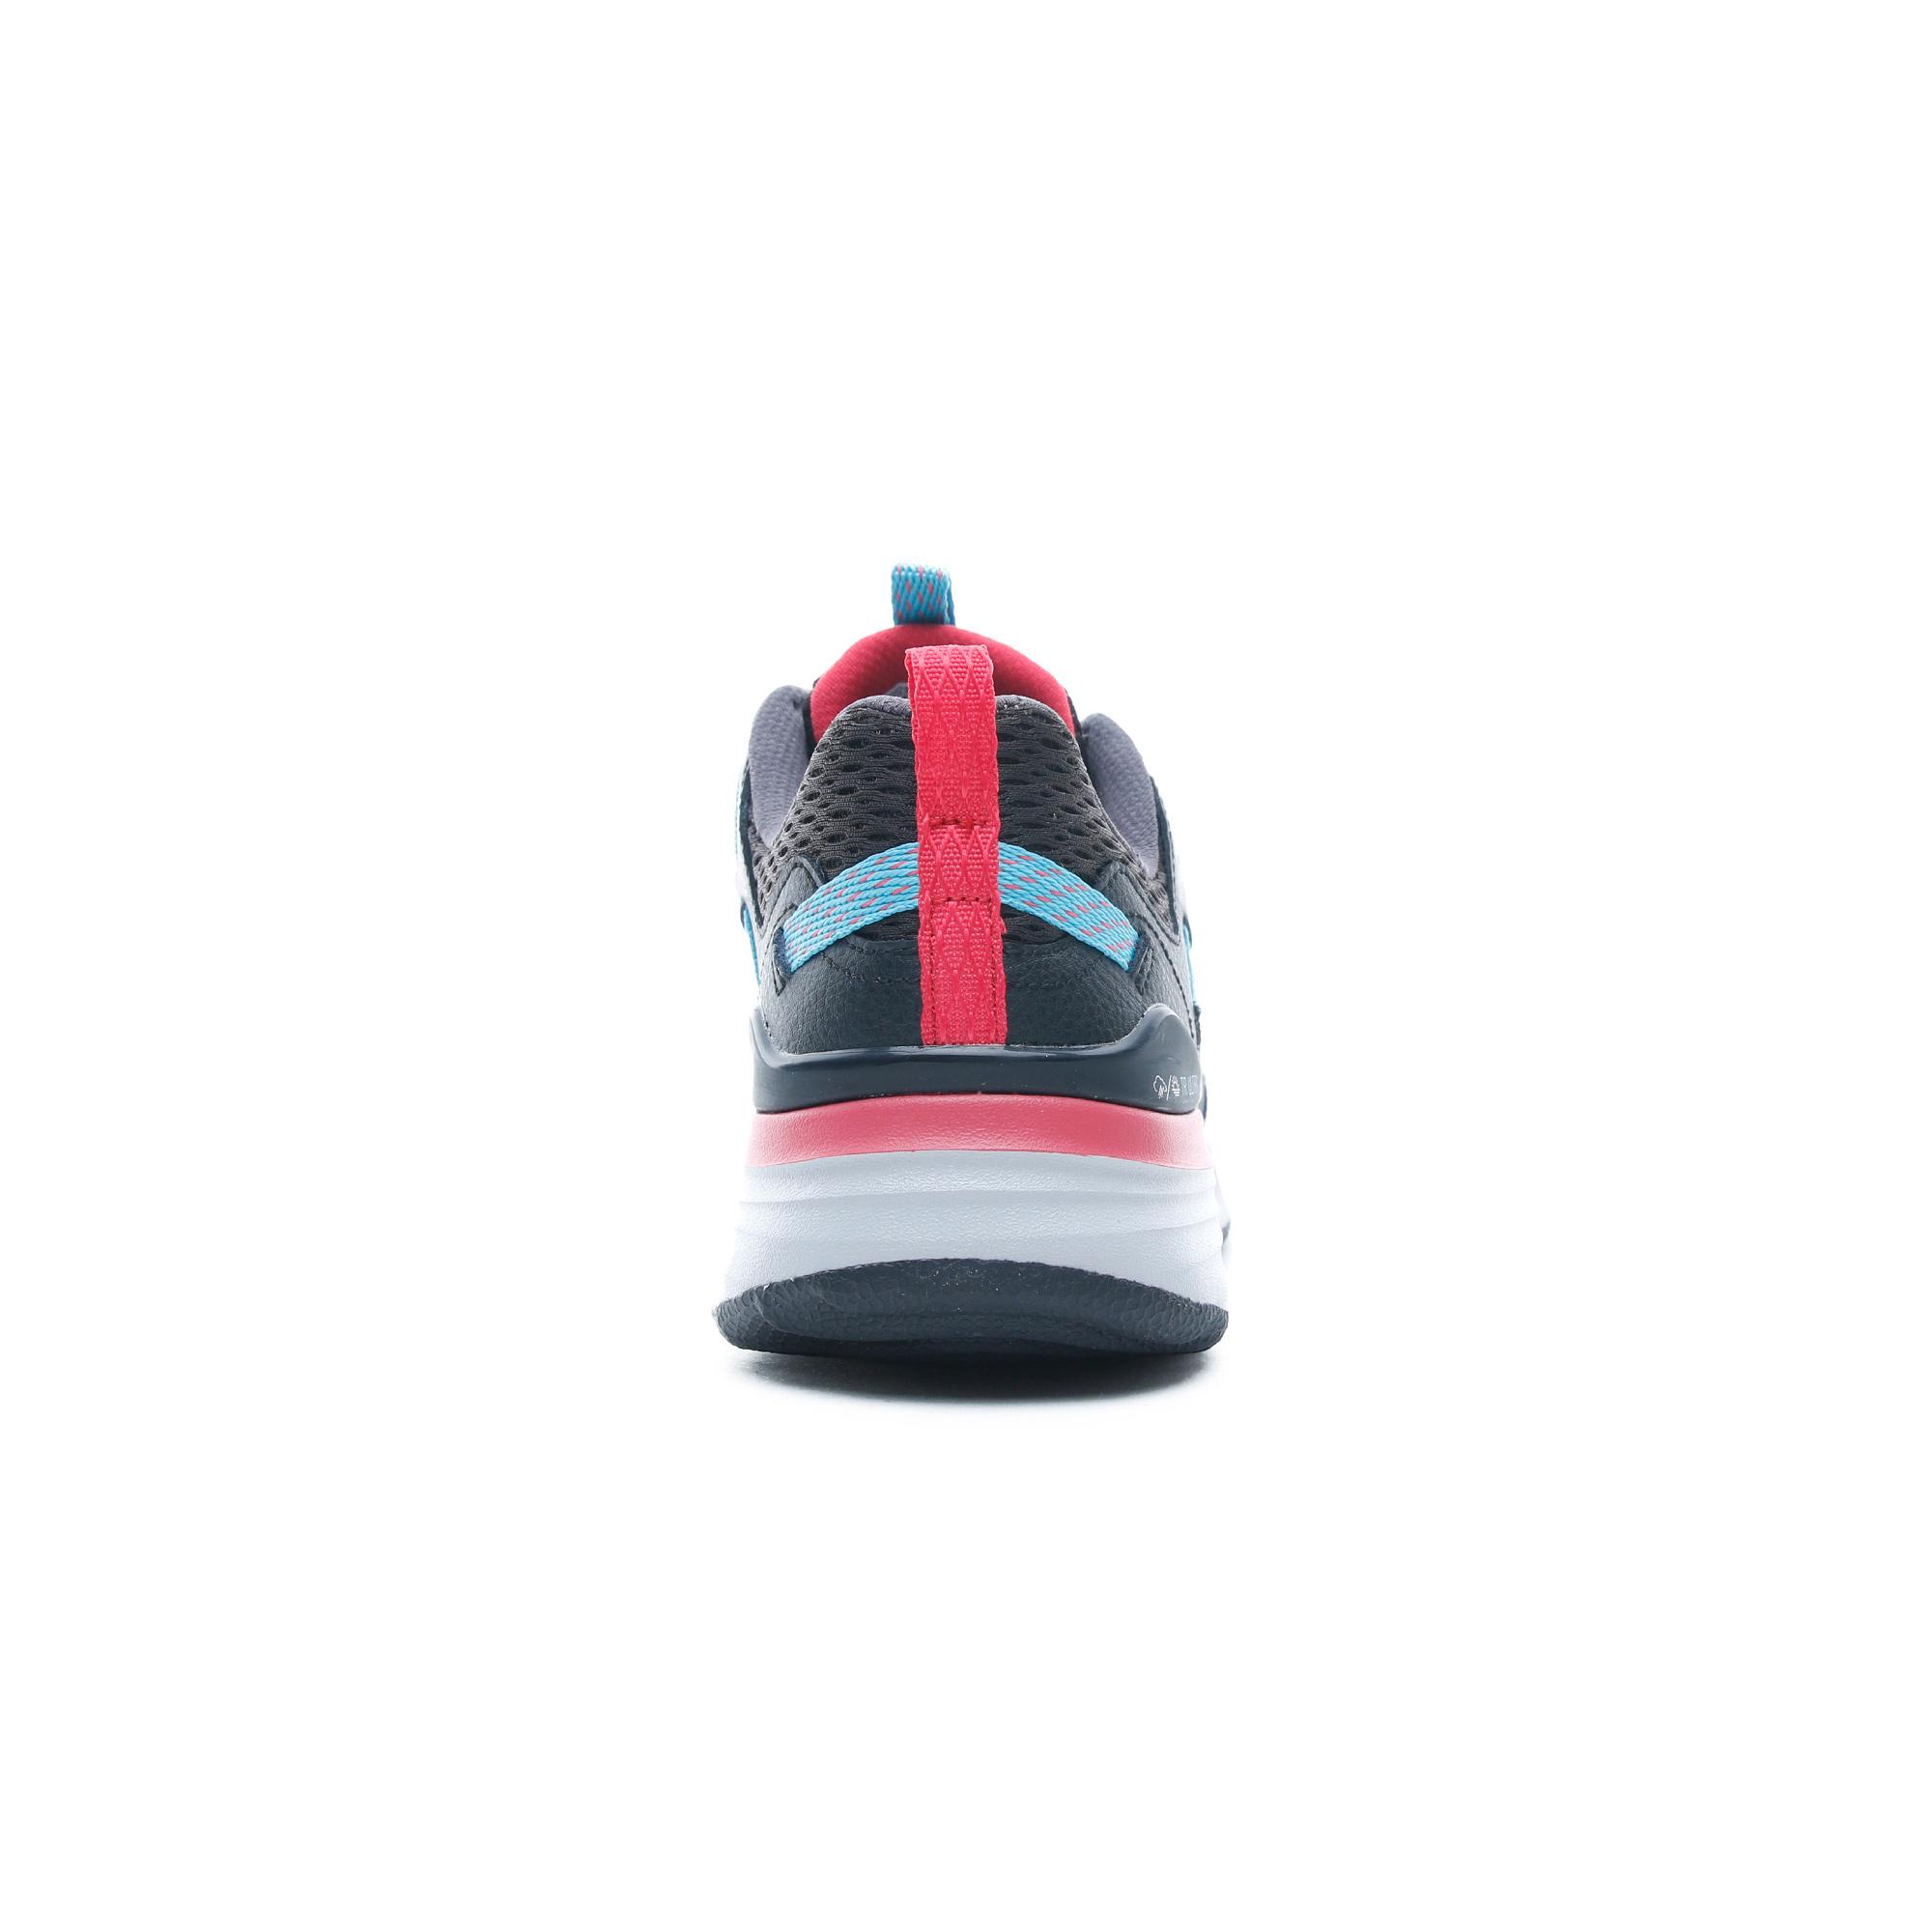 Skechers Ultra Flex TR - River Creek Kadın Siyah Spor Ayakkabı